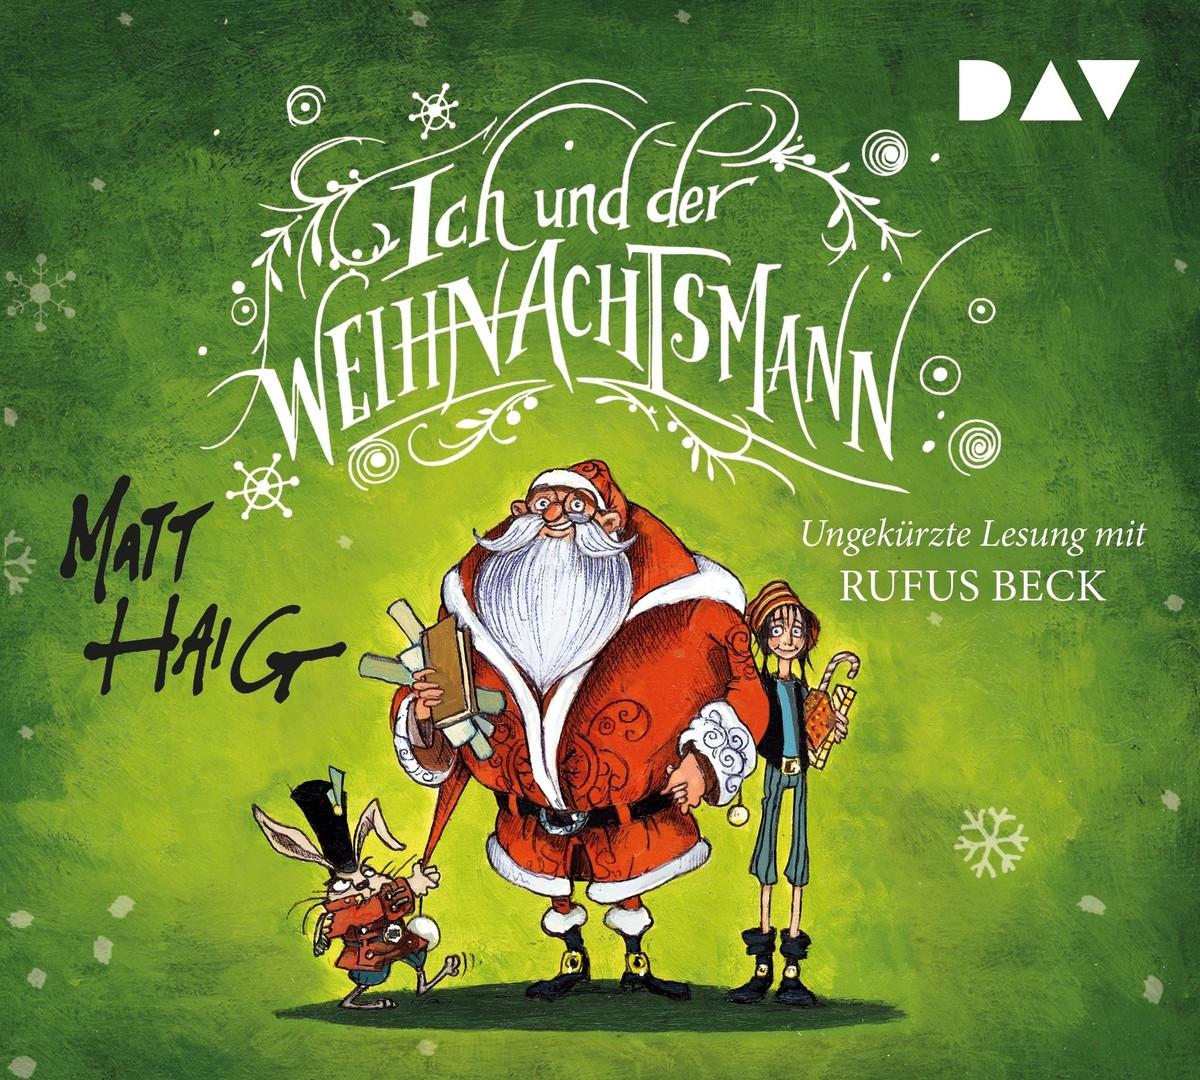 Matt Haig - Ich und der Weihnachtsmann